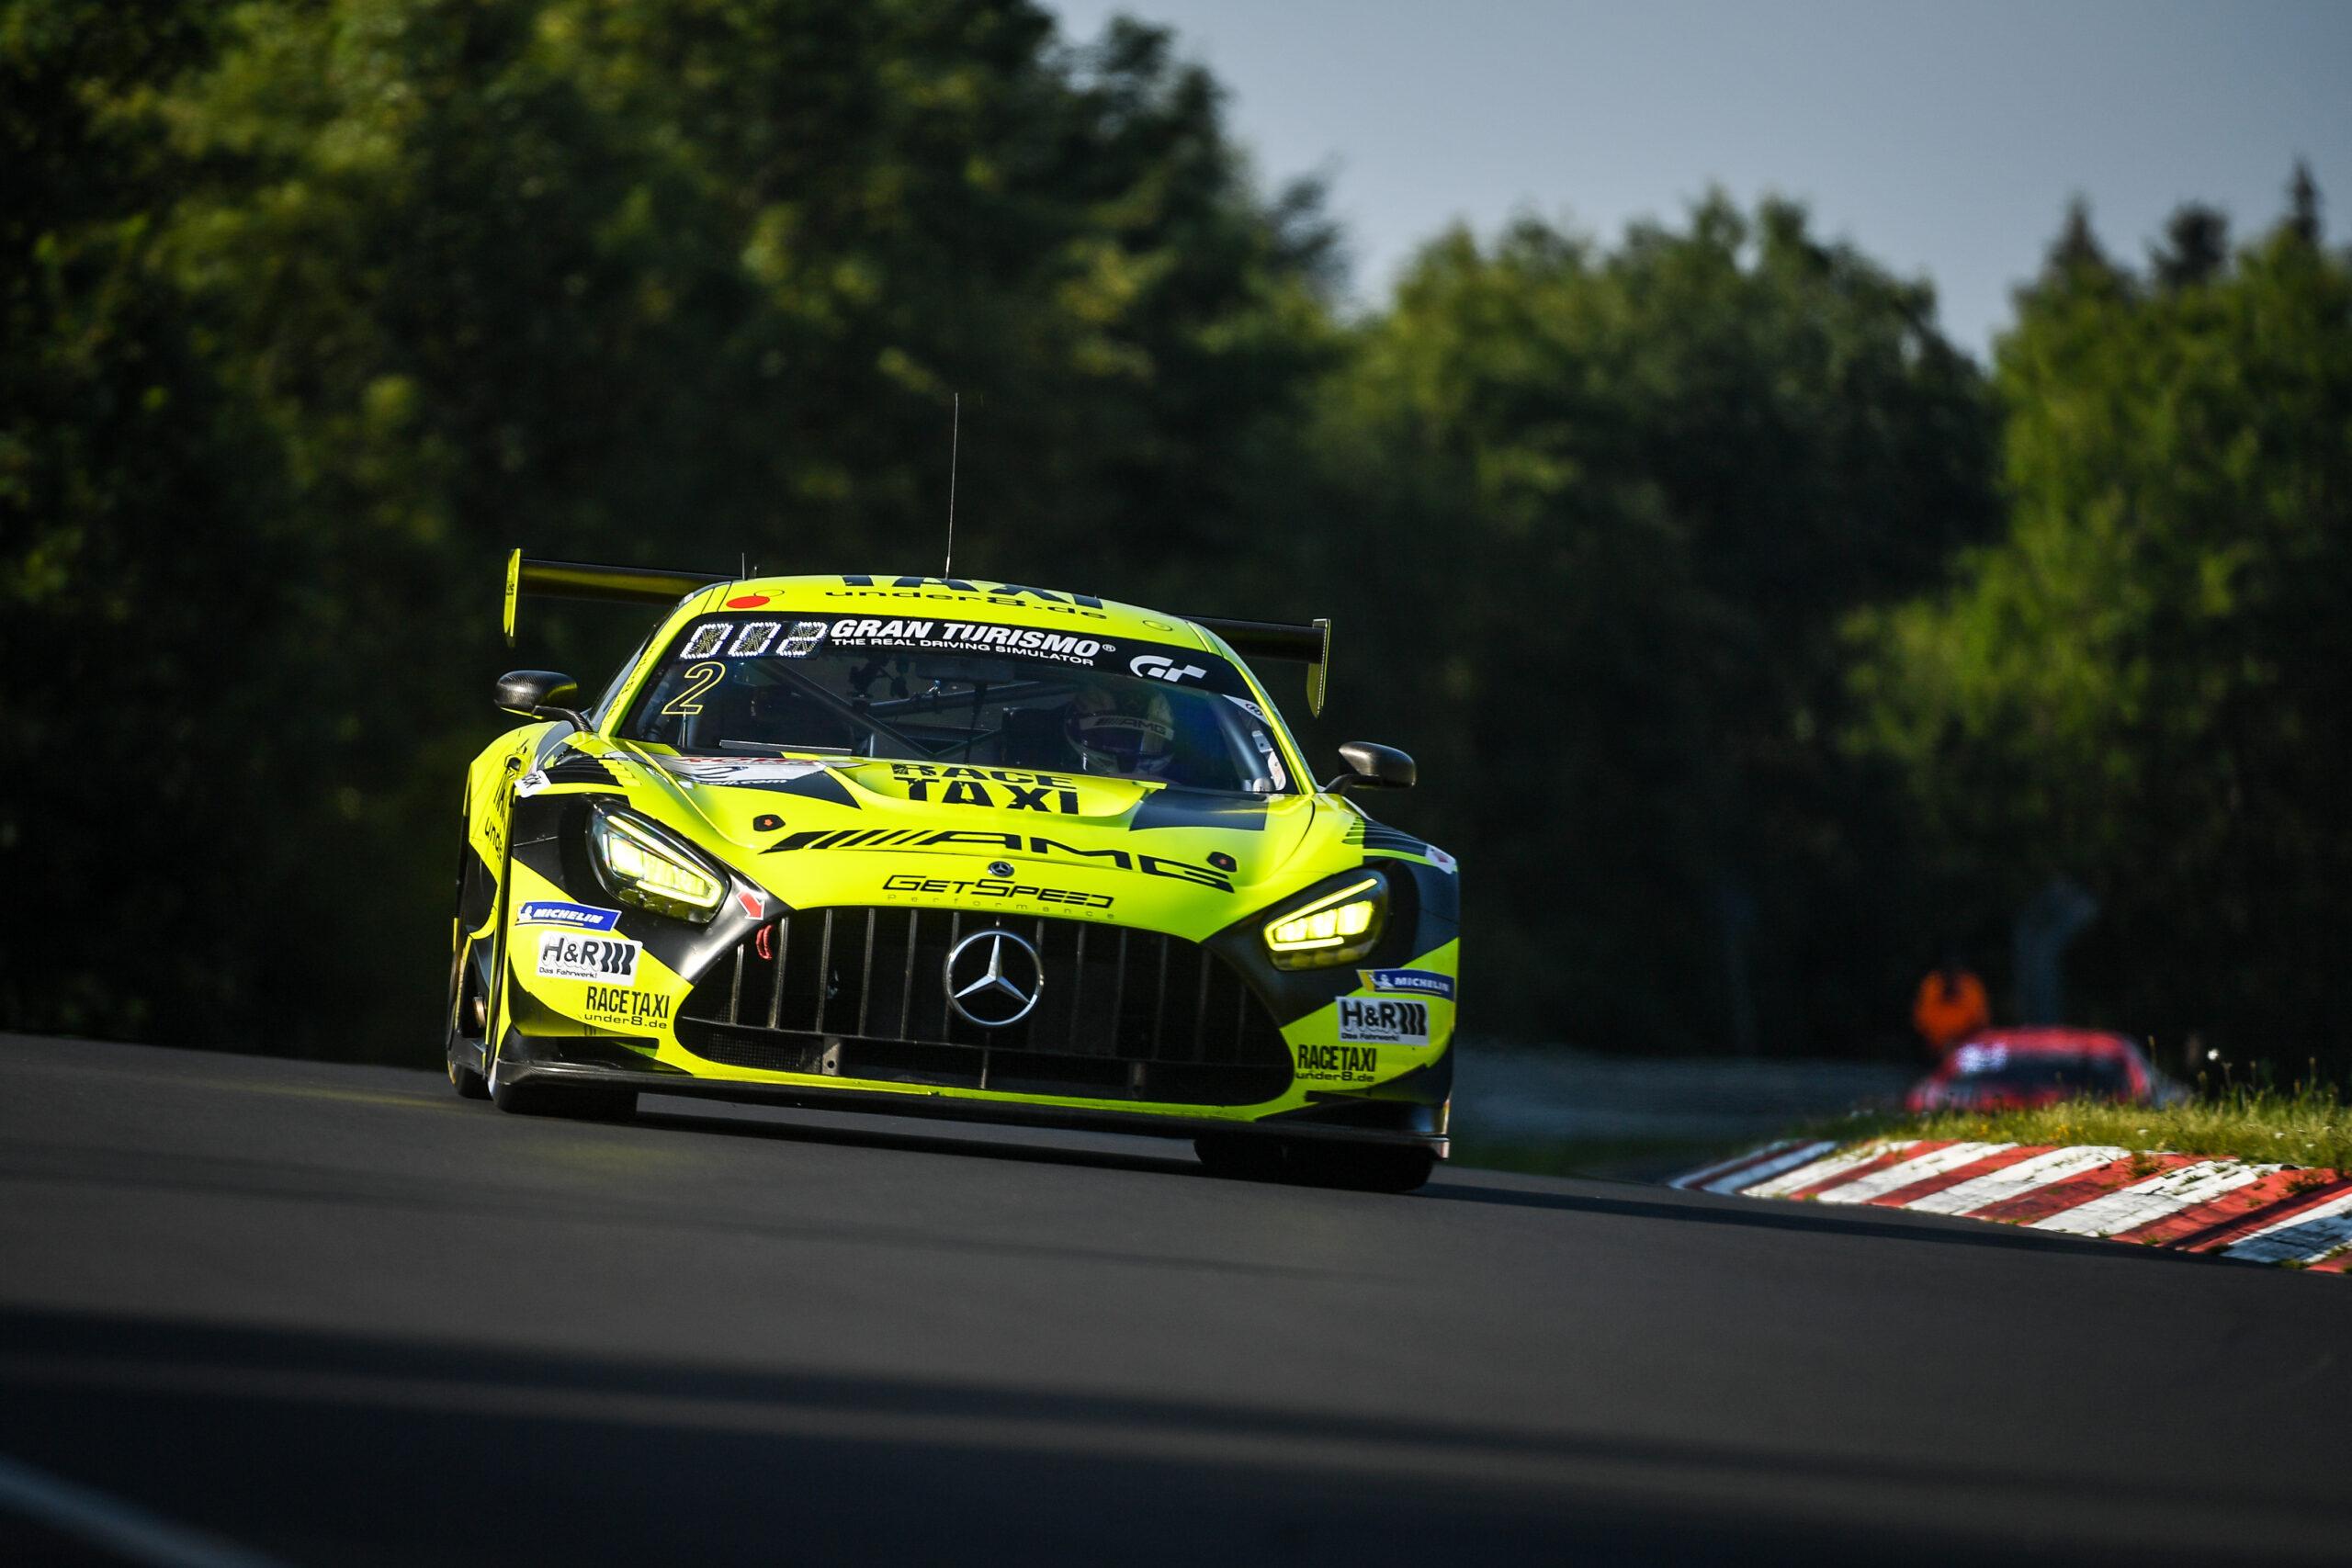 Mercedes-AMG Motorsport startet mit DTM Kundenteams